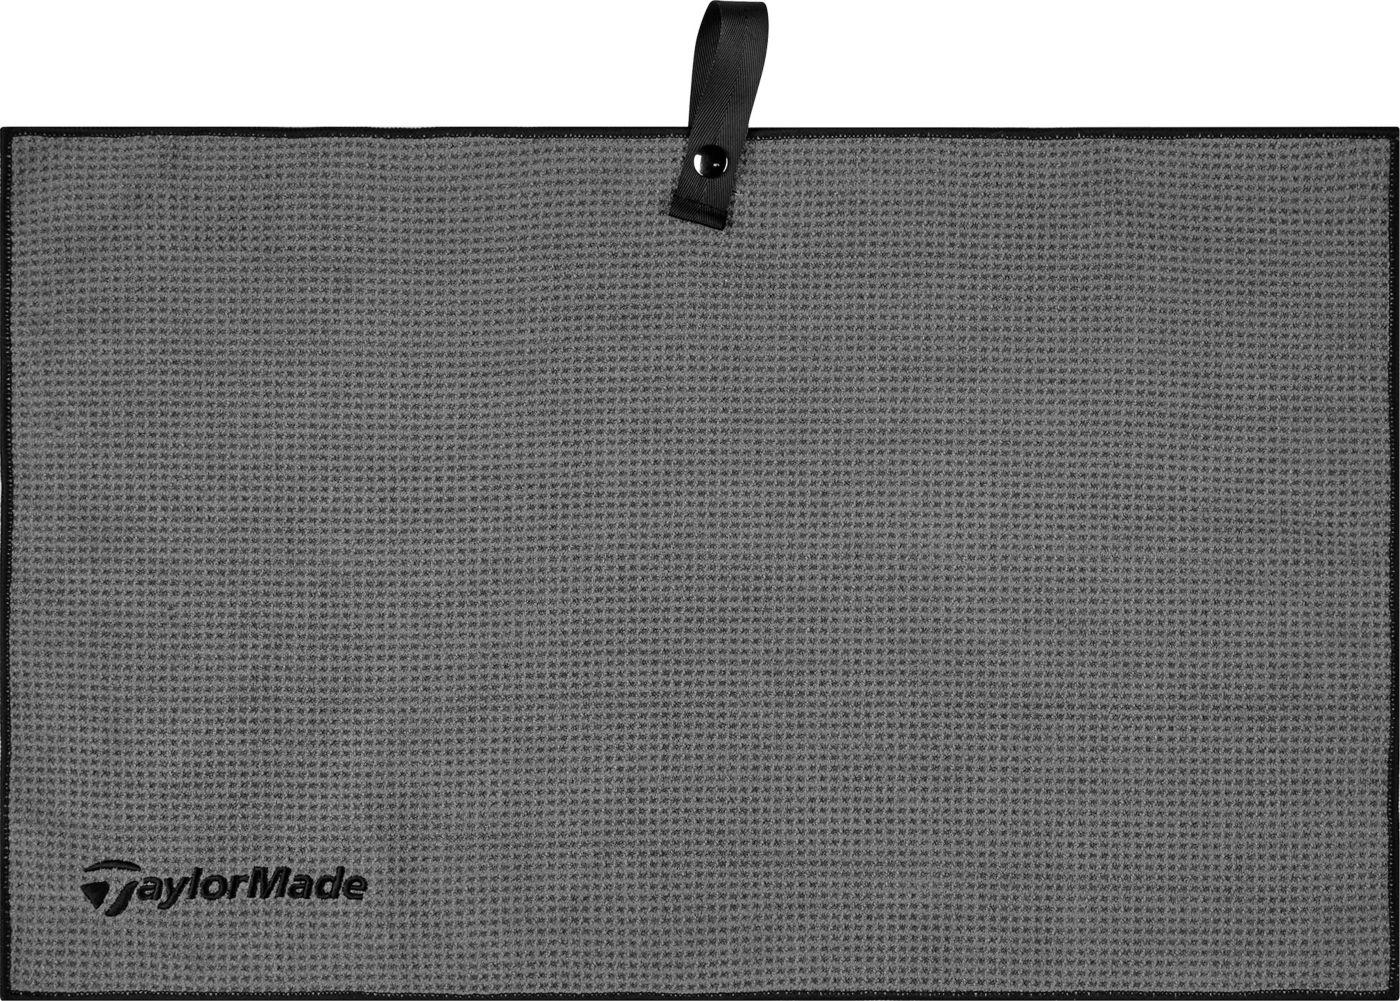 TaylorMade 2017 Microfiber Cart Towel